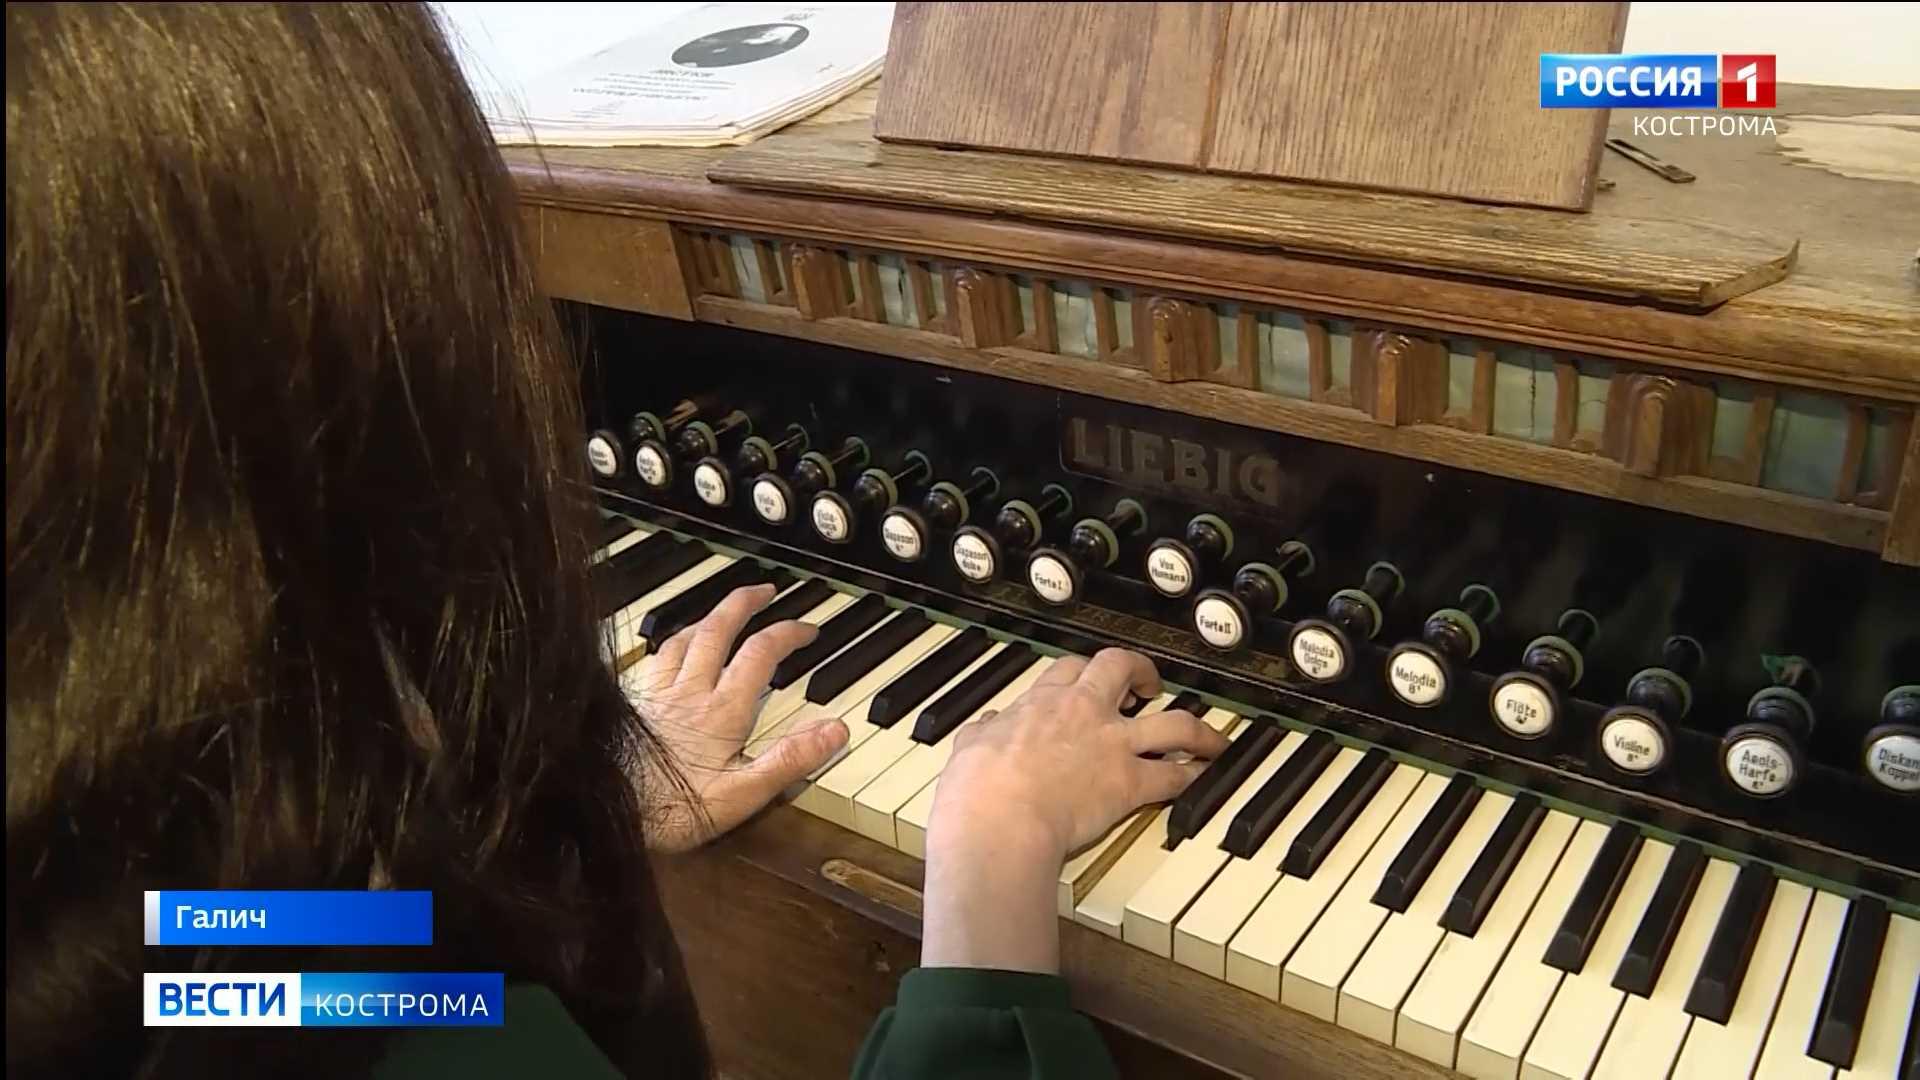 Мелодии старинных фисгармоний зазвучали в костромском райцентре